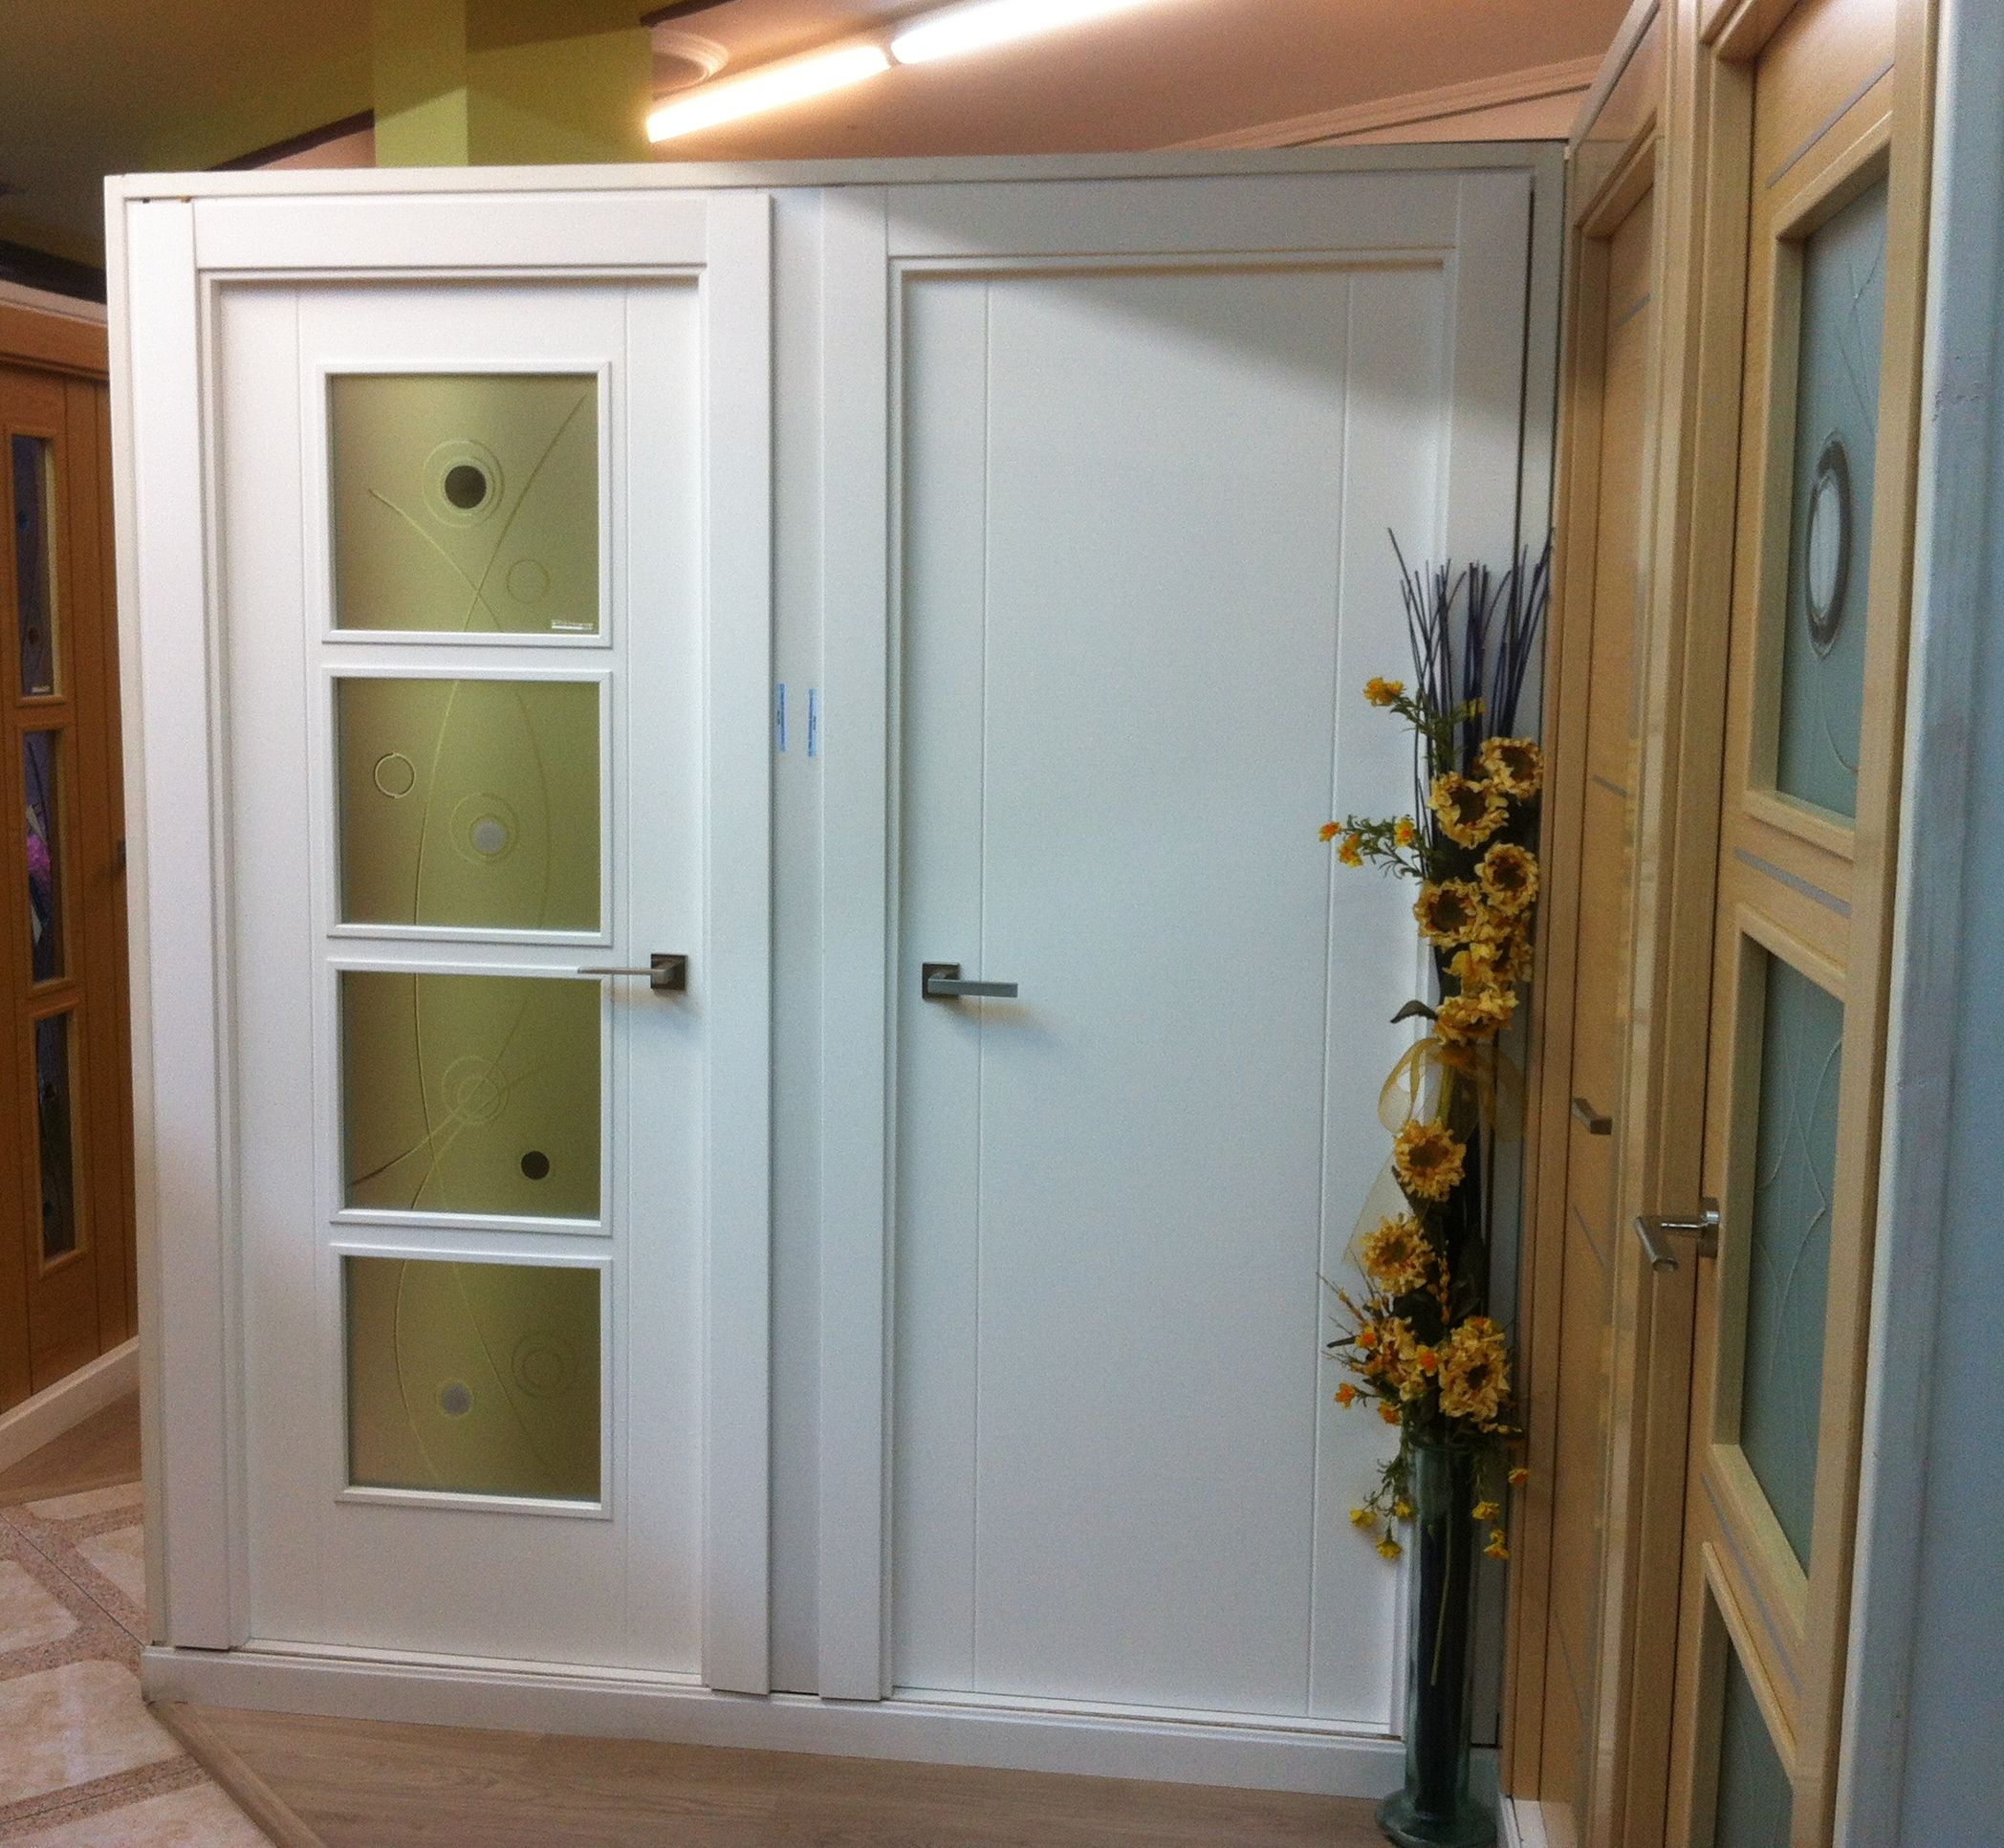 Puertas de interior lacadas en blanco mod. 1002 y puerta vidriera ...